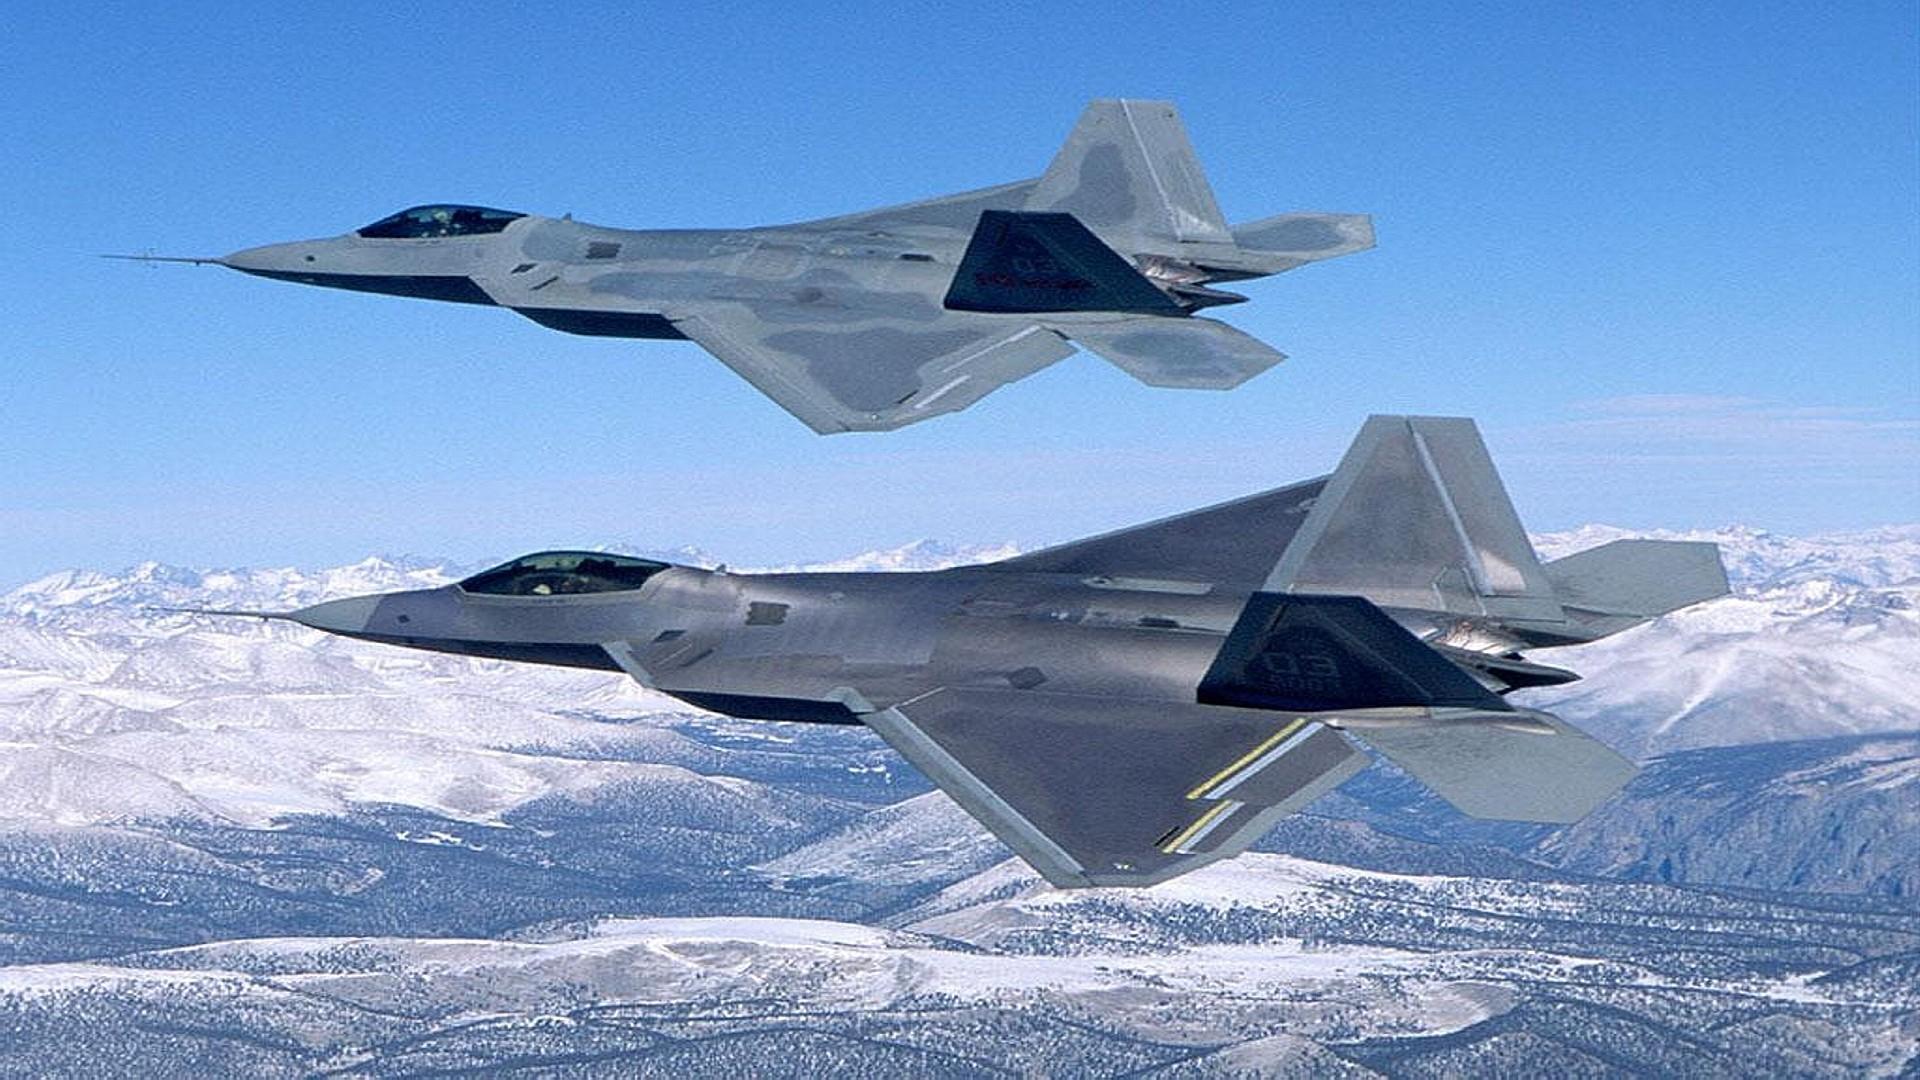 Lockheed Martin F 22 Raptor wallpaper 12147 1920x1080